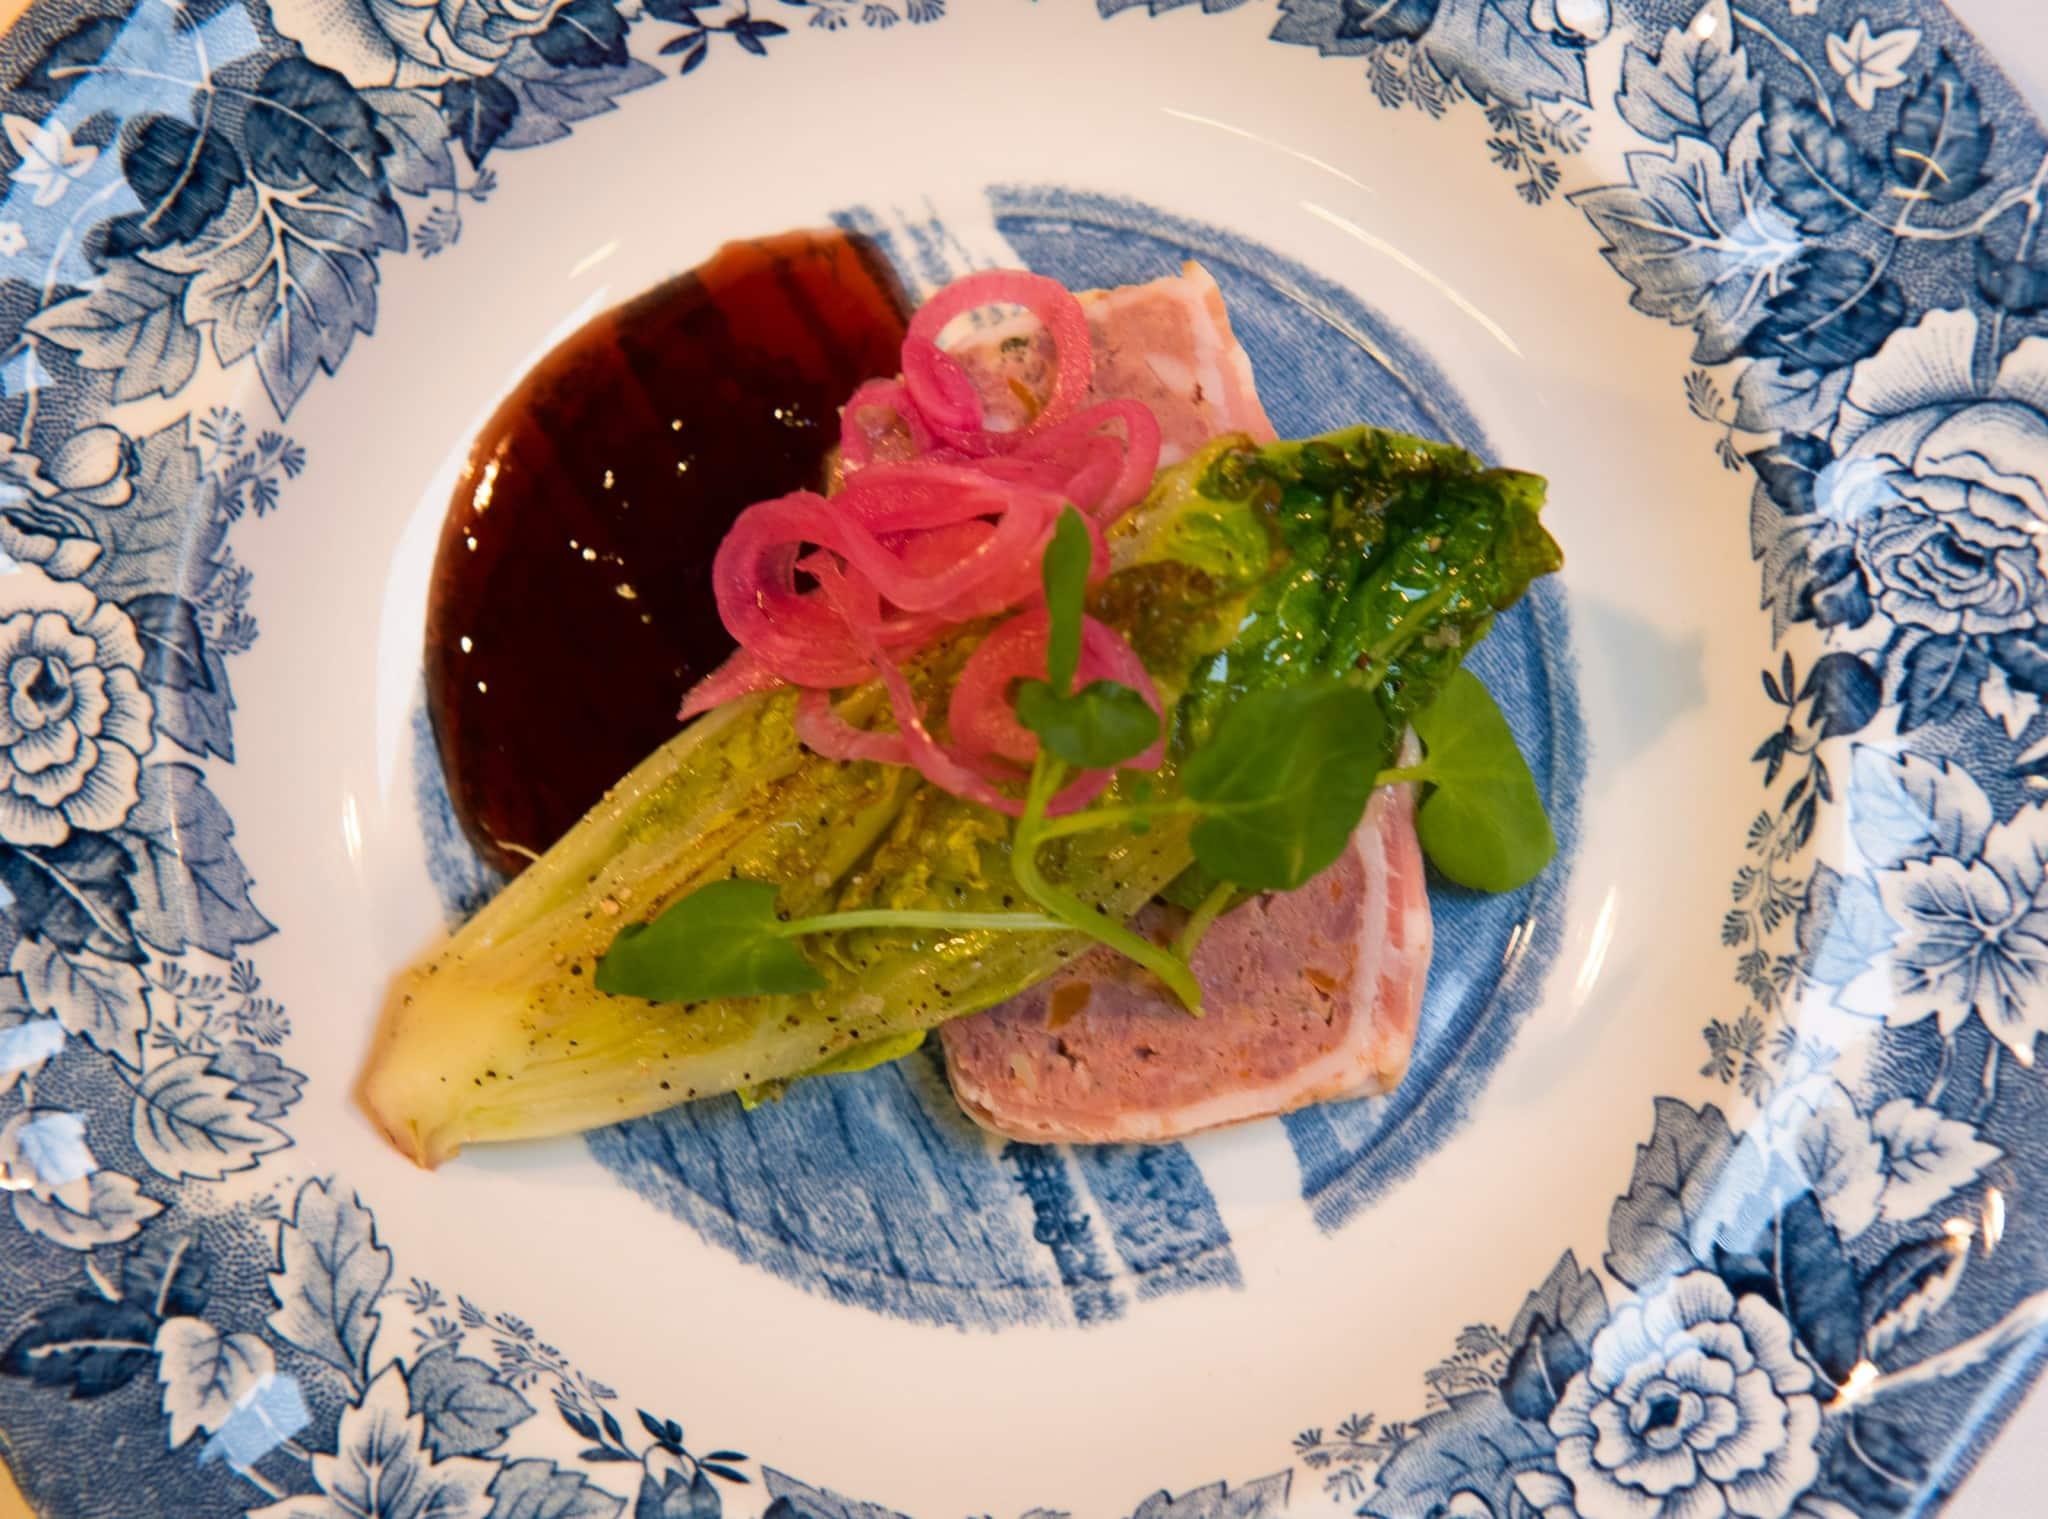 Så här serverades viltterrinen på värdshuset Ulla Winbladh, med cumberlandsås och lätt stekt hjärtsallad. Foto: Lena Runer